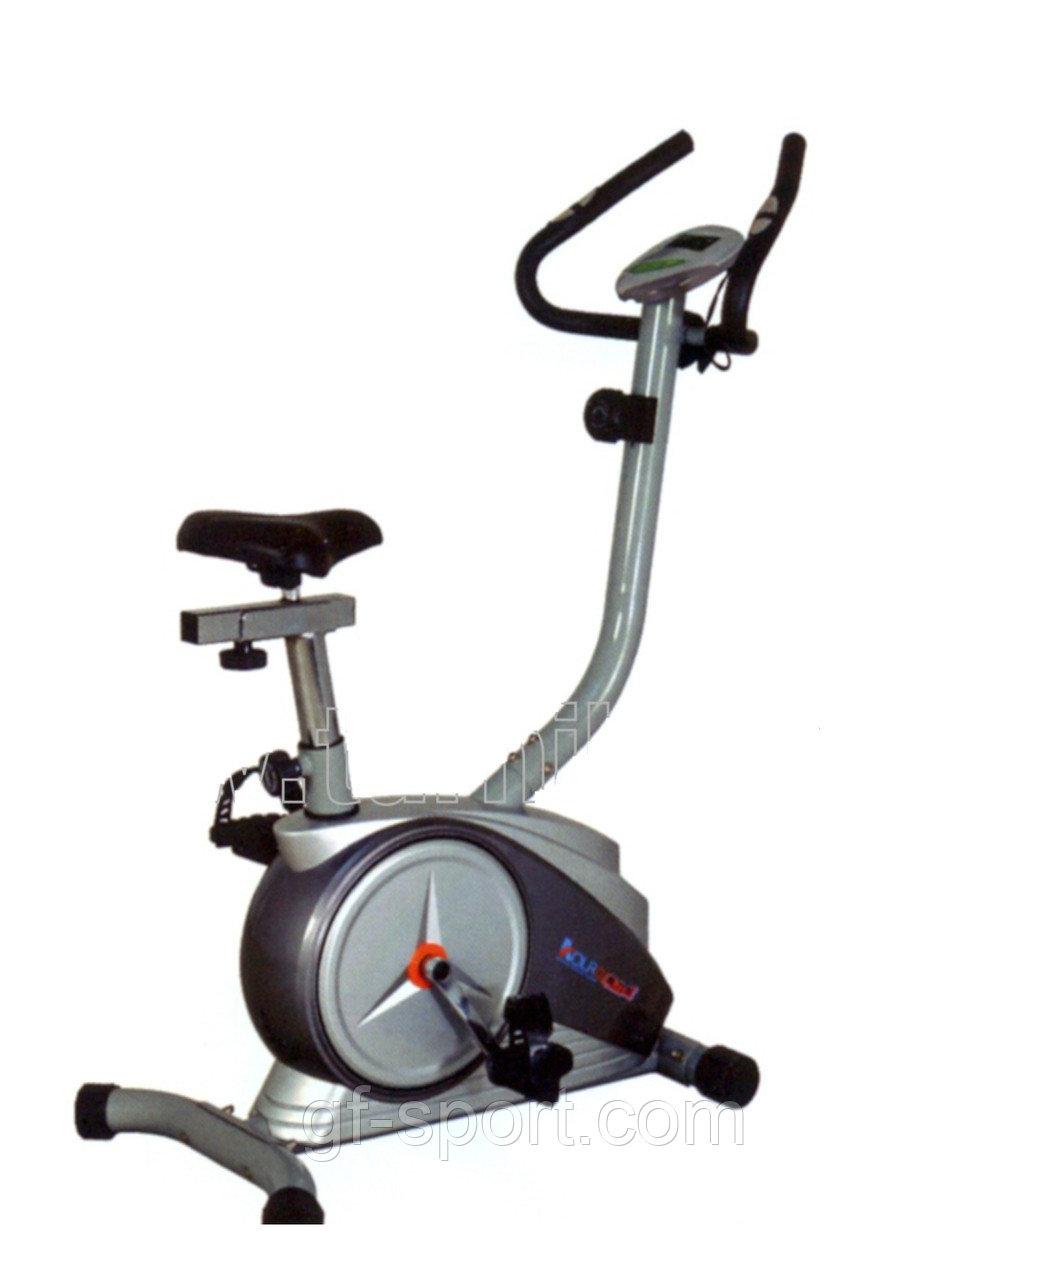 Велотренажер вертикальный Aolro